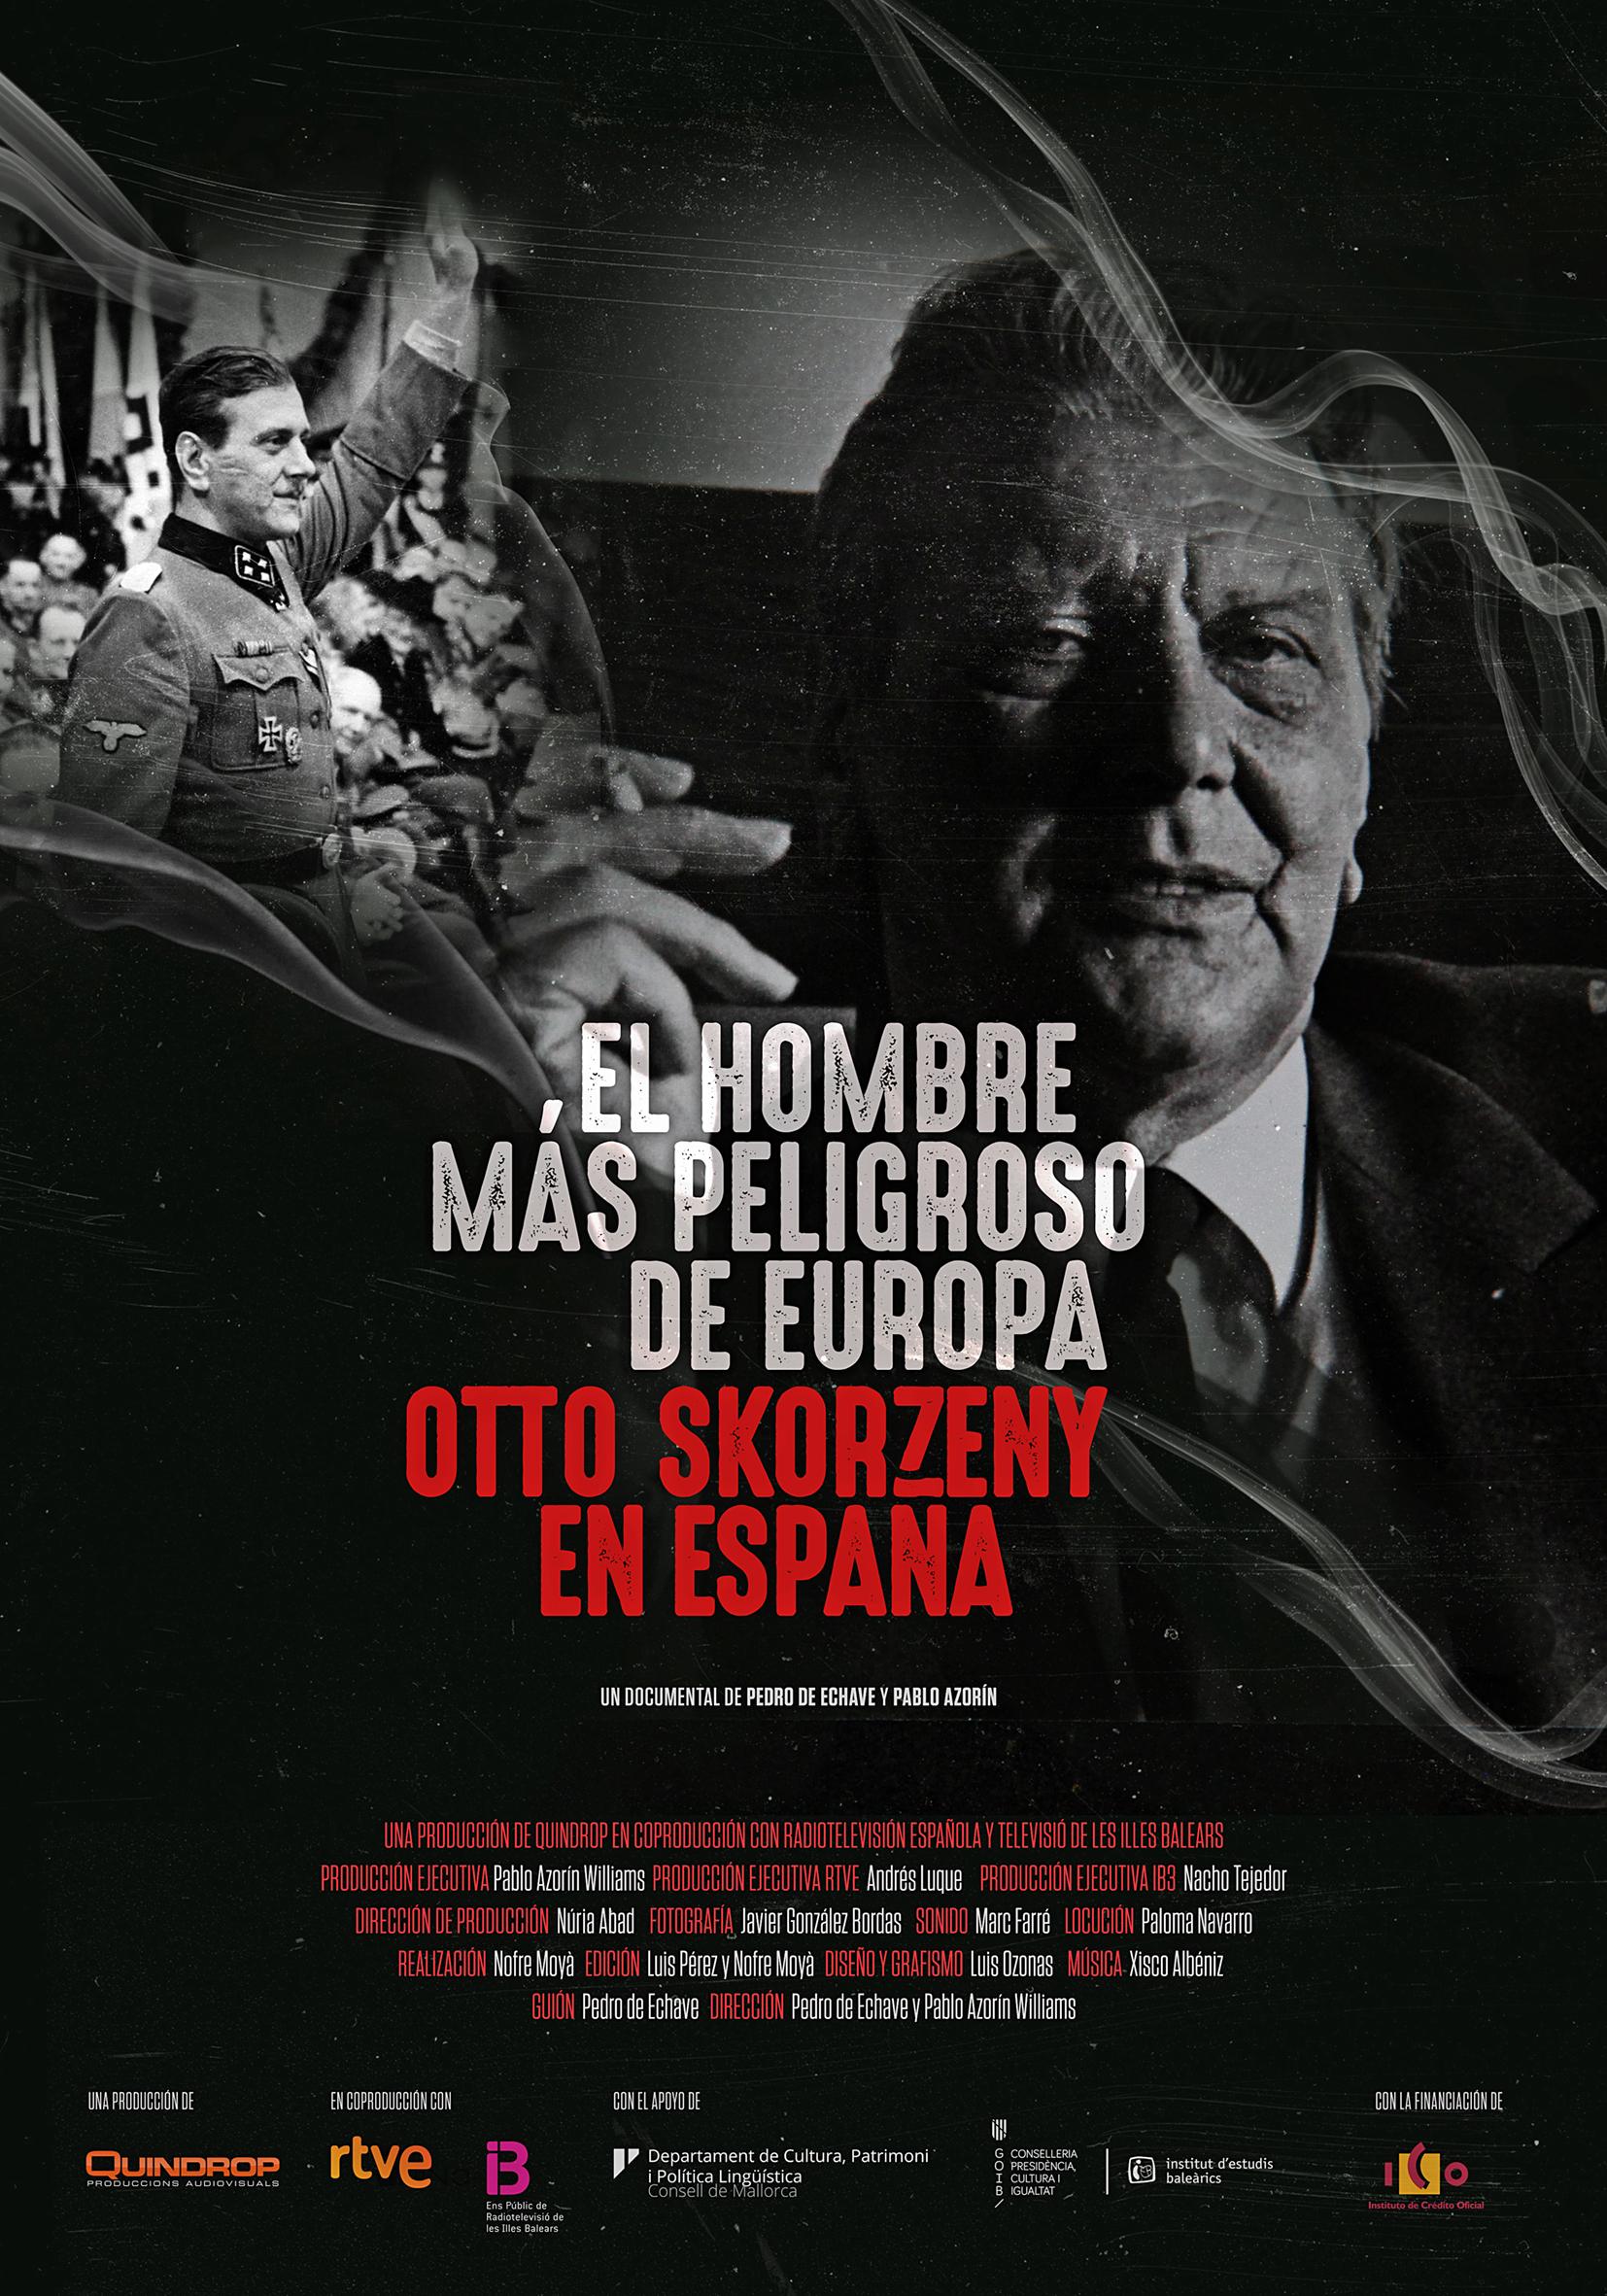 El hombre más peligroso de Europa. Otto Skorzeny en España